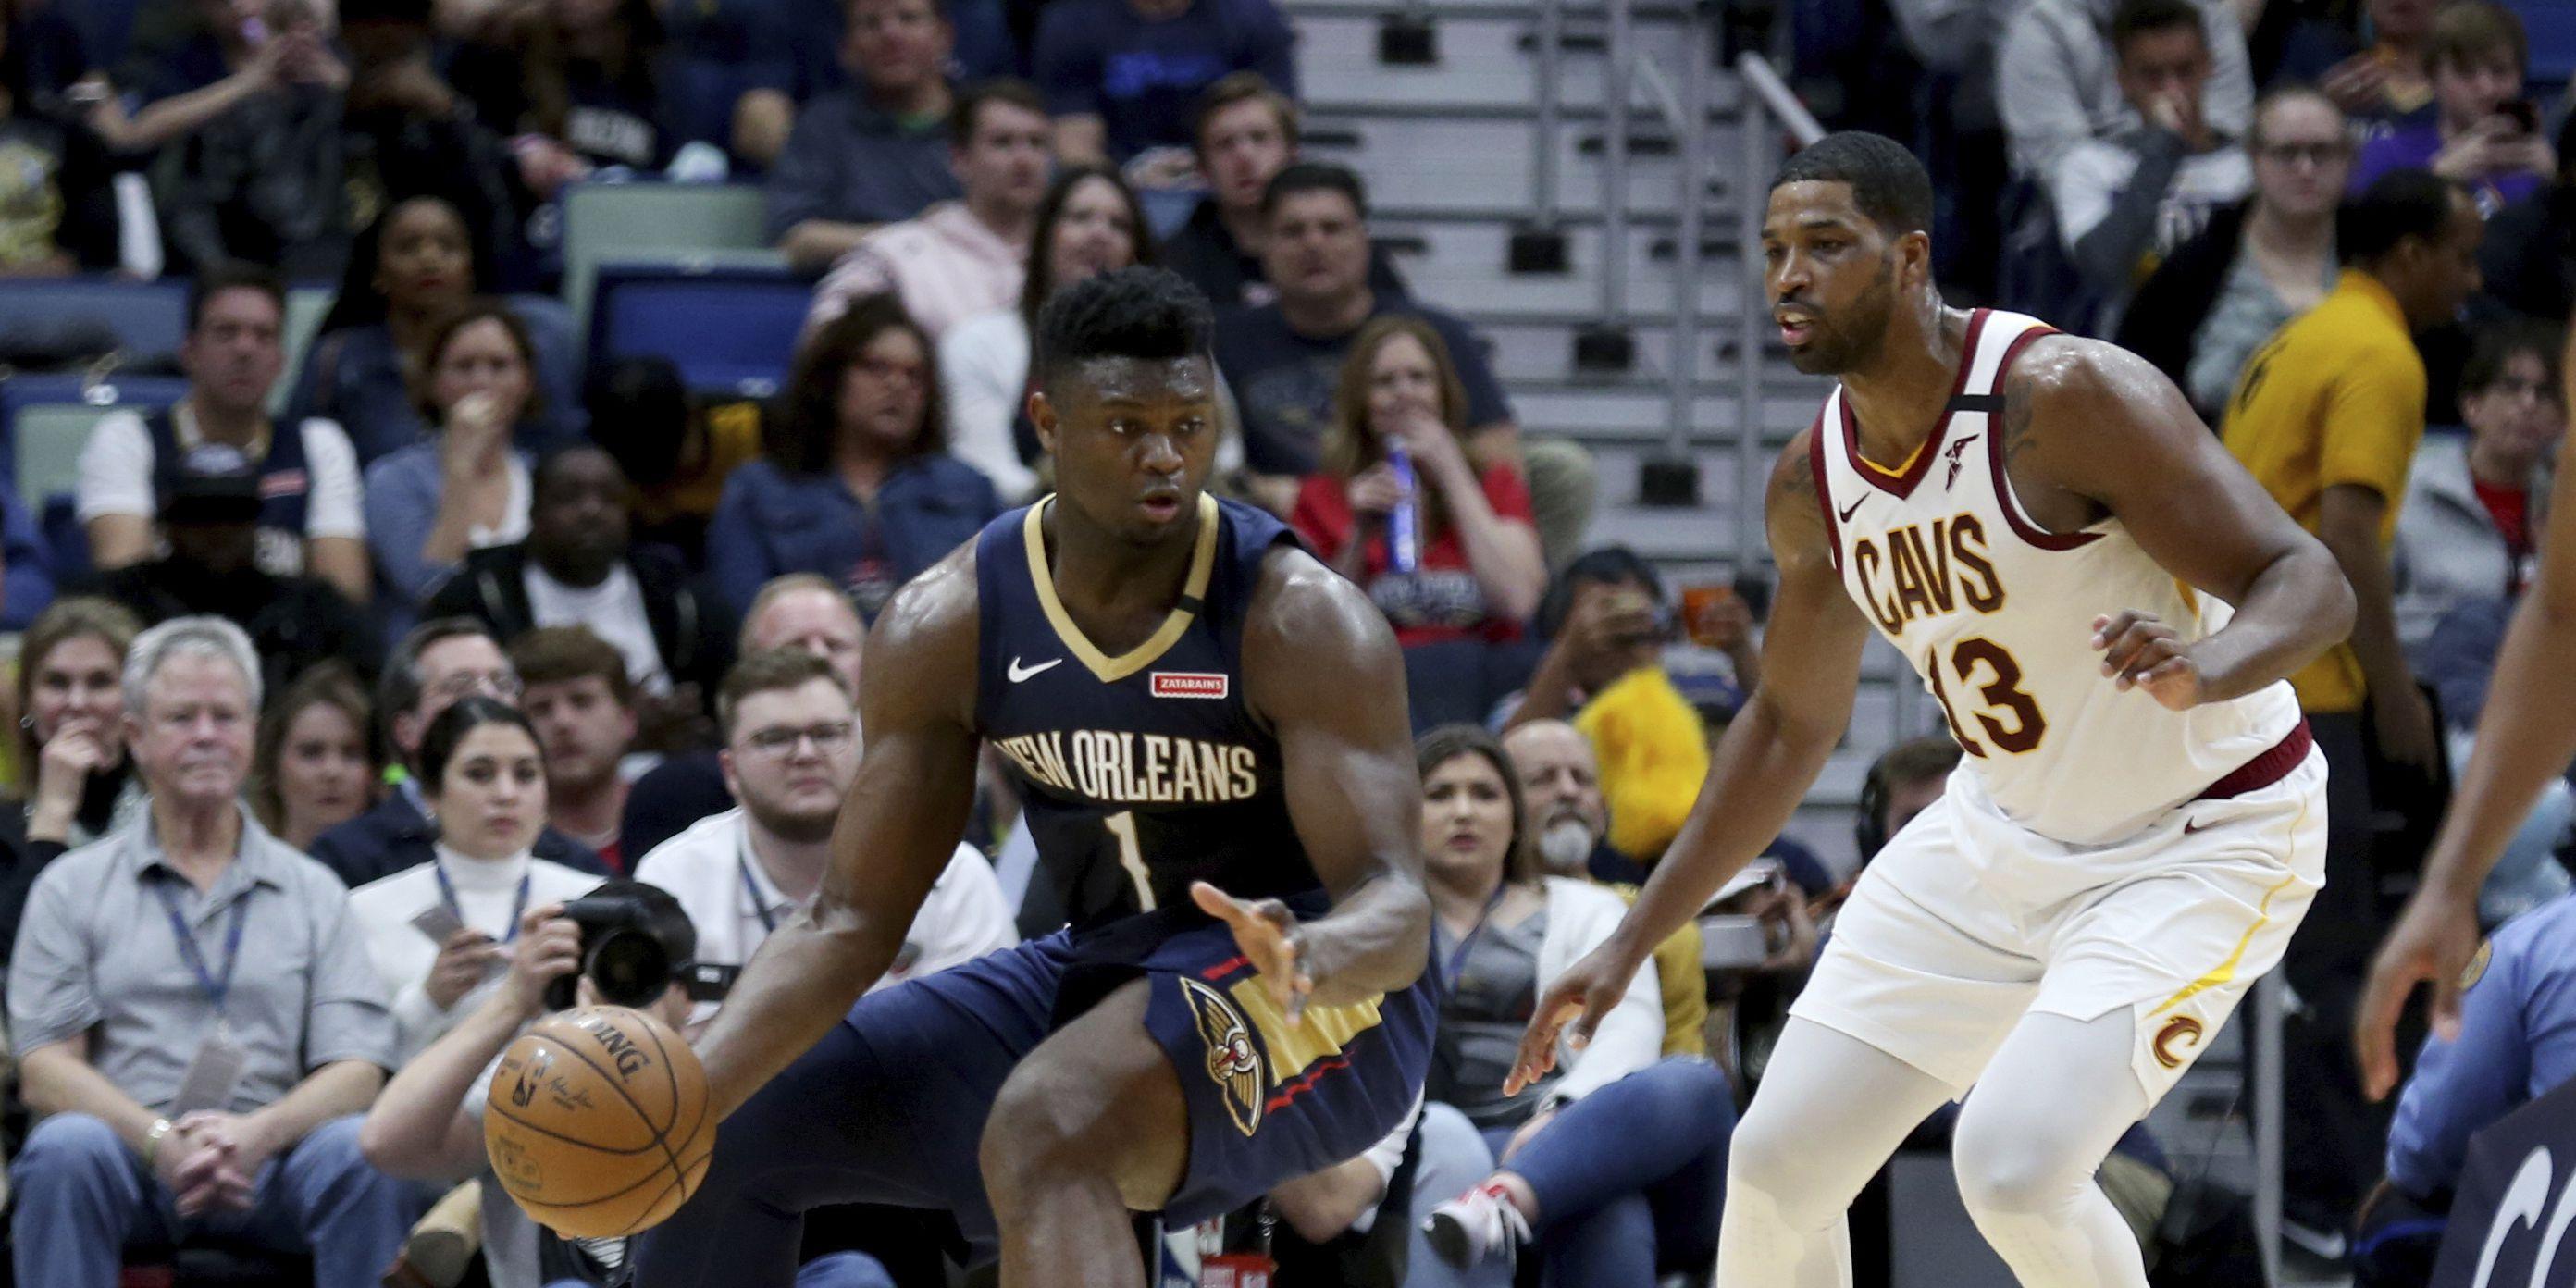 Ingram, Williamson lead Pelicans past Cavaliers 116-104